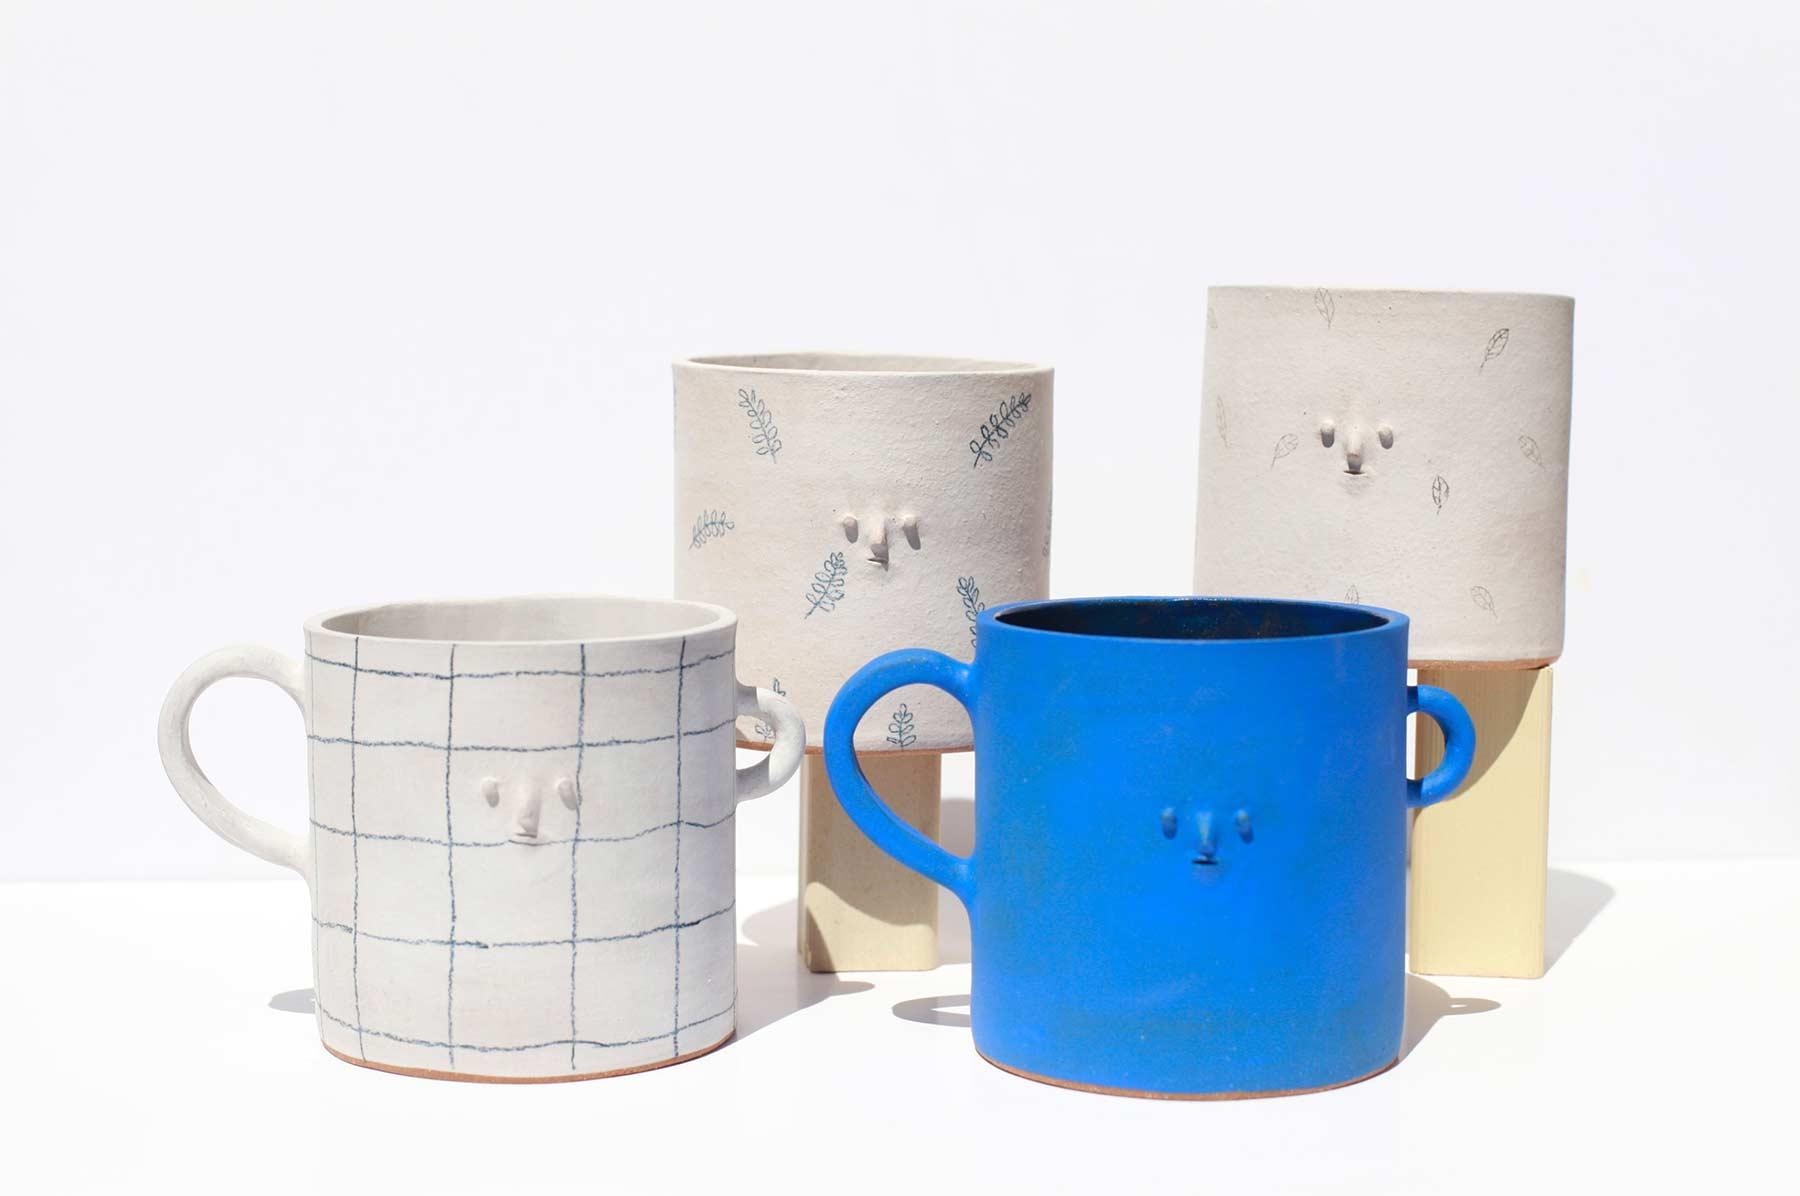 Keramikware mit Miniatur-Gesichtern keramik-mit-gesichtern-rami-kim_01